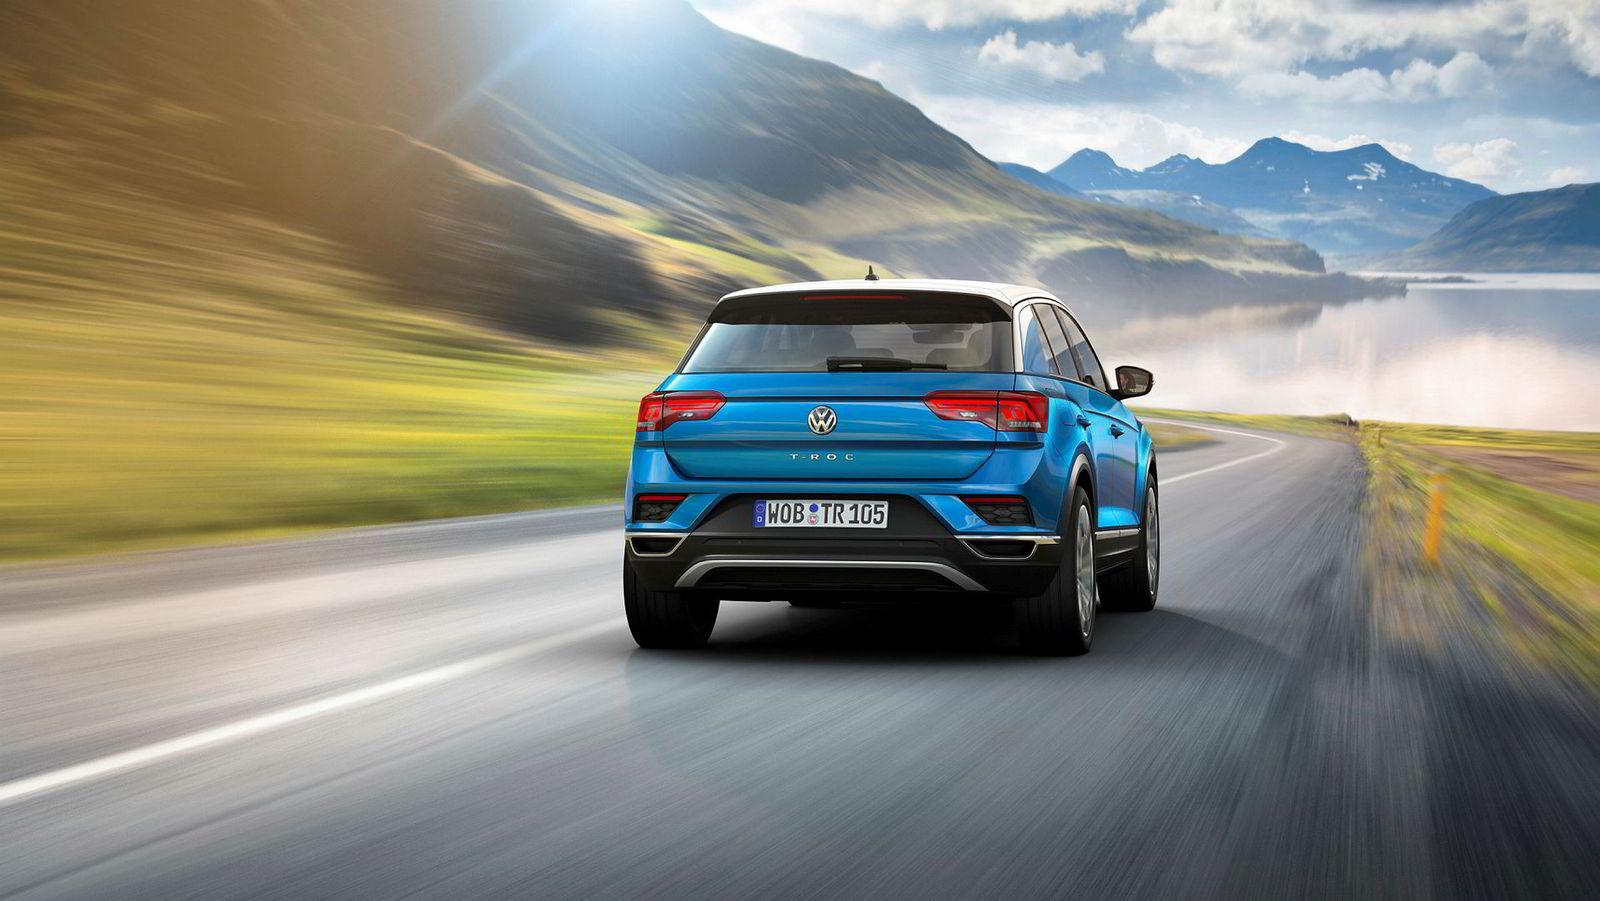 Volkswagen kommer ikke med elbil i 2018, men i likhet med mange andre bilmerker lanserer den tyske bilgiganten en rekke nye suv-modeller. Førstemann ut er den lille T-Roc.